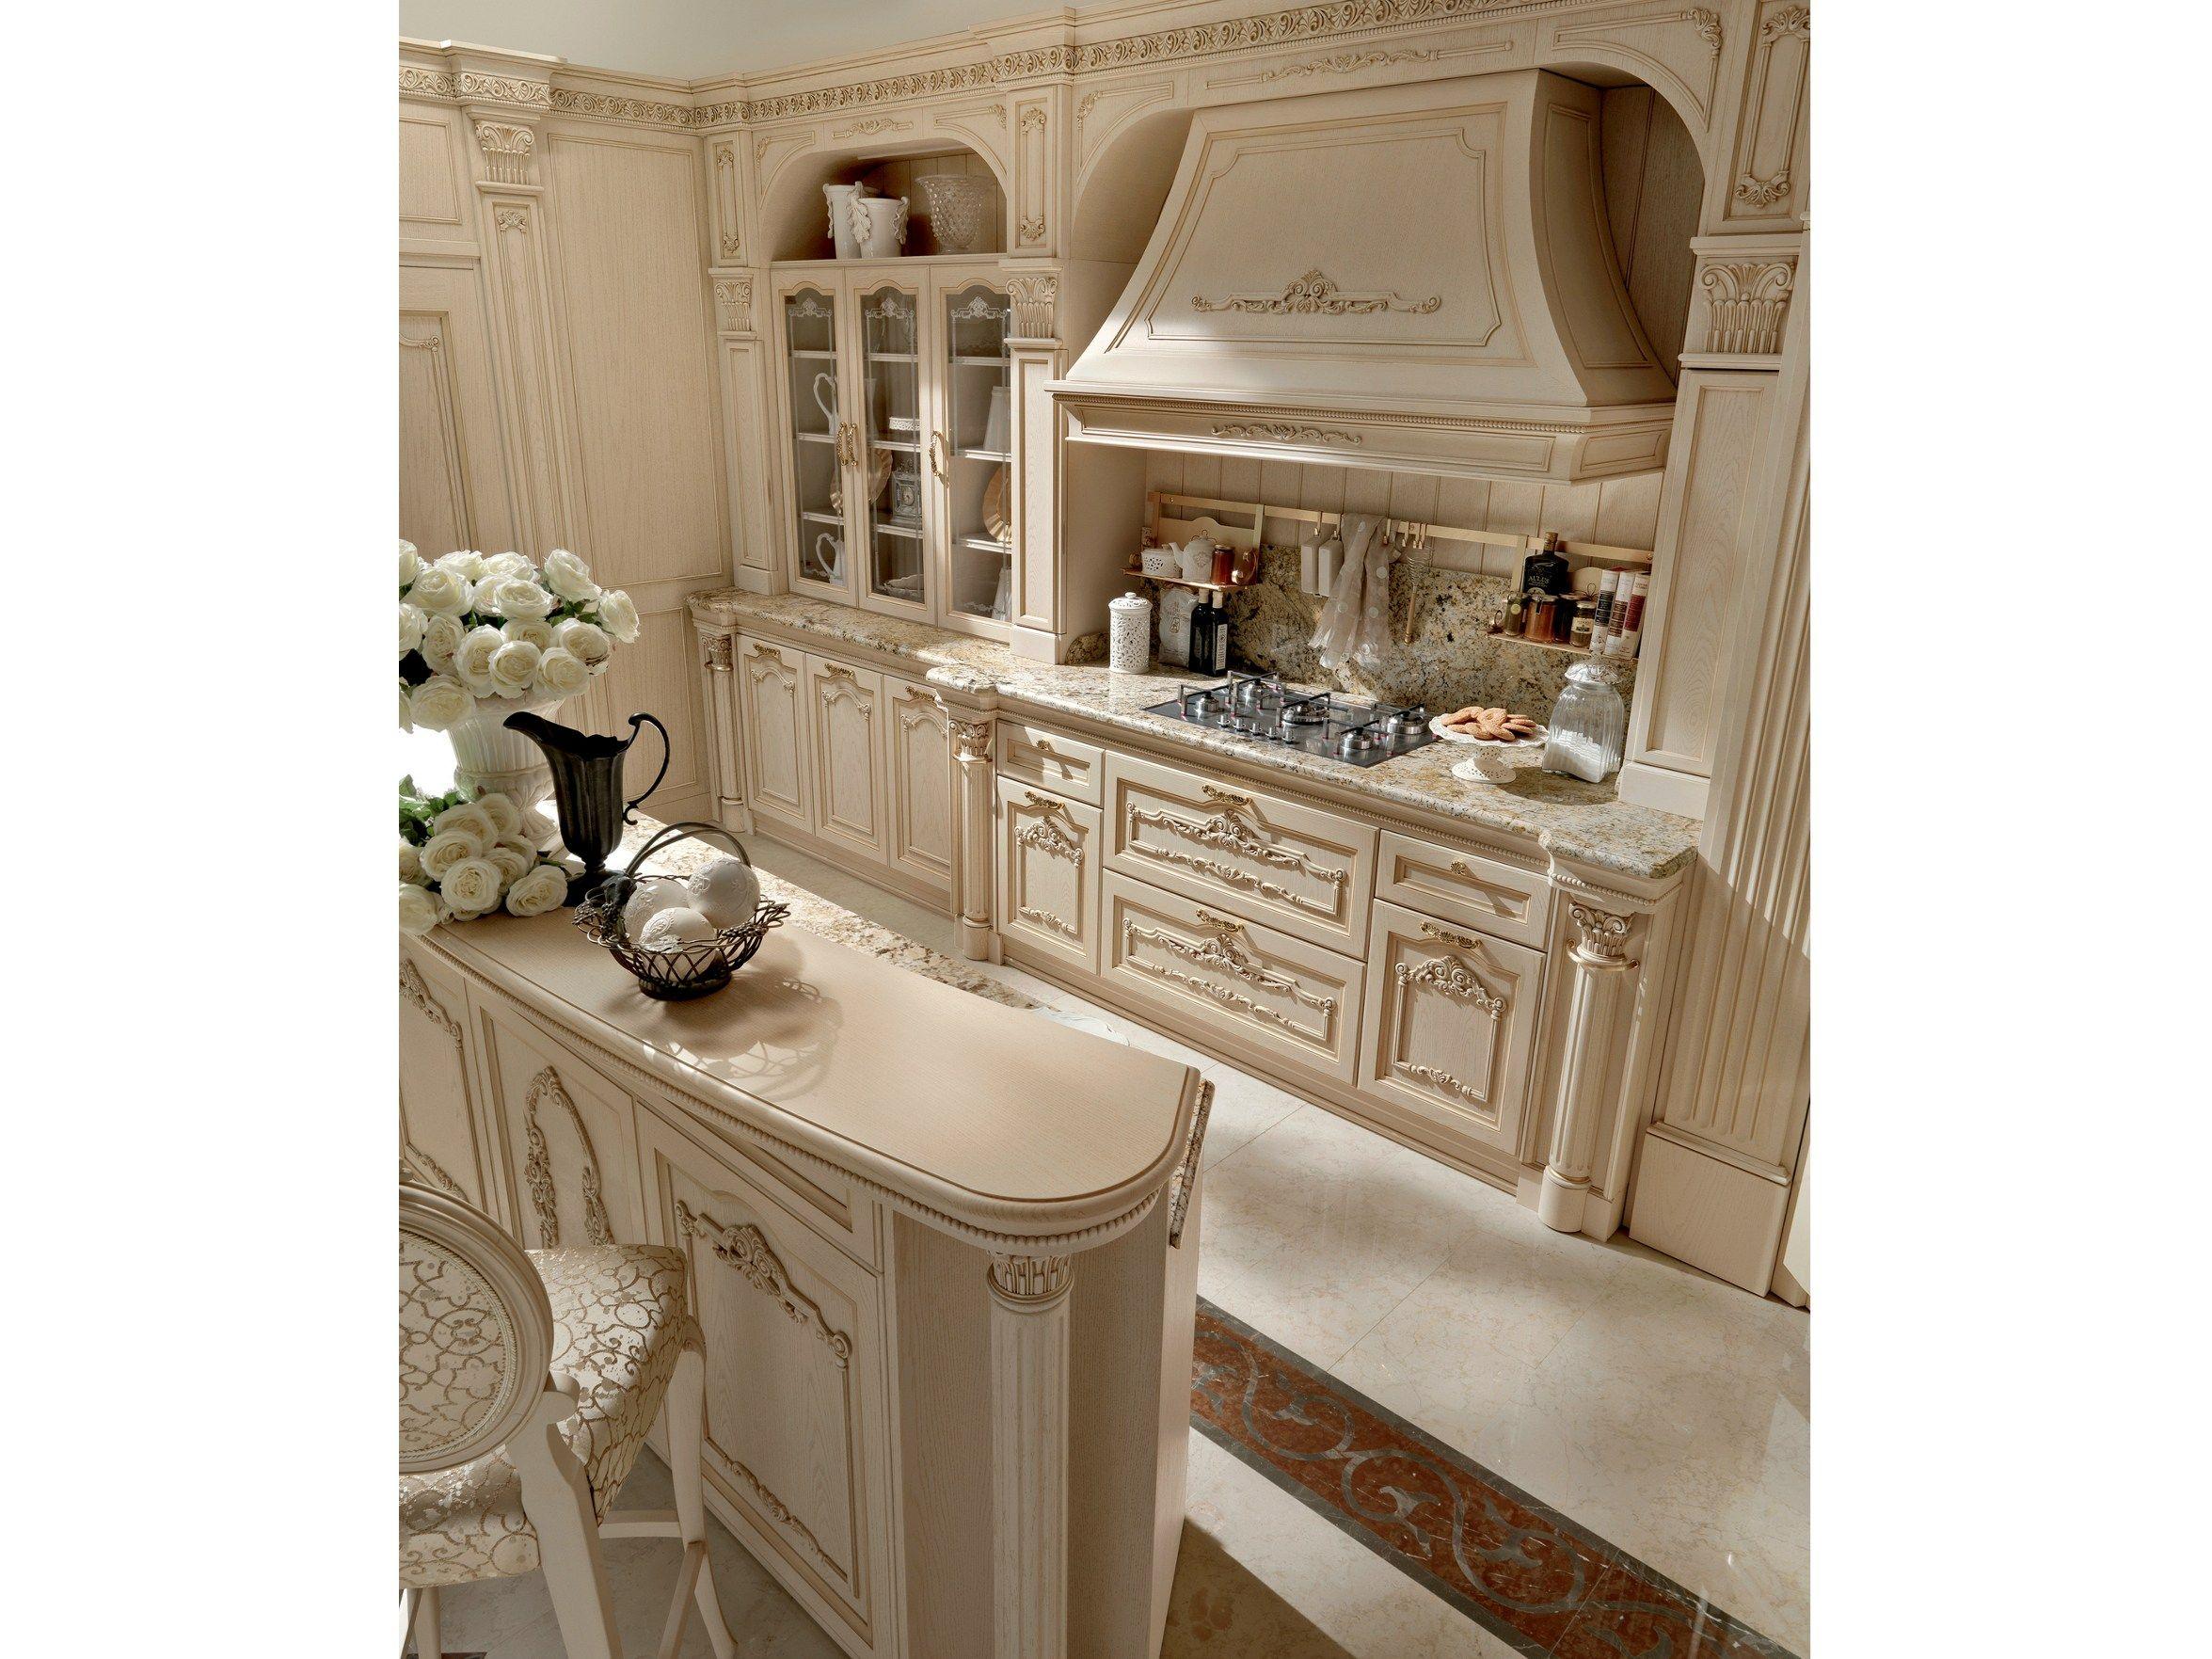 Cucina in stile classico con isola immagina by martini mobili for Mobili isola cucina